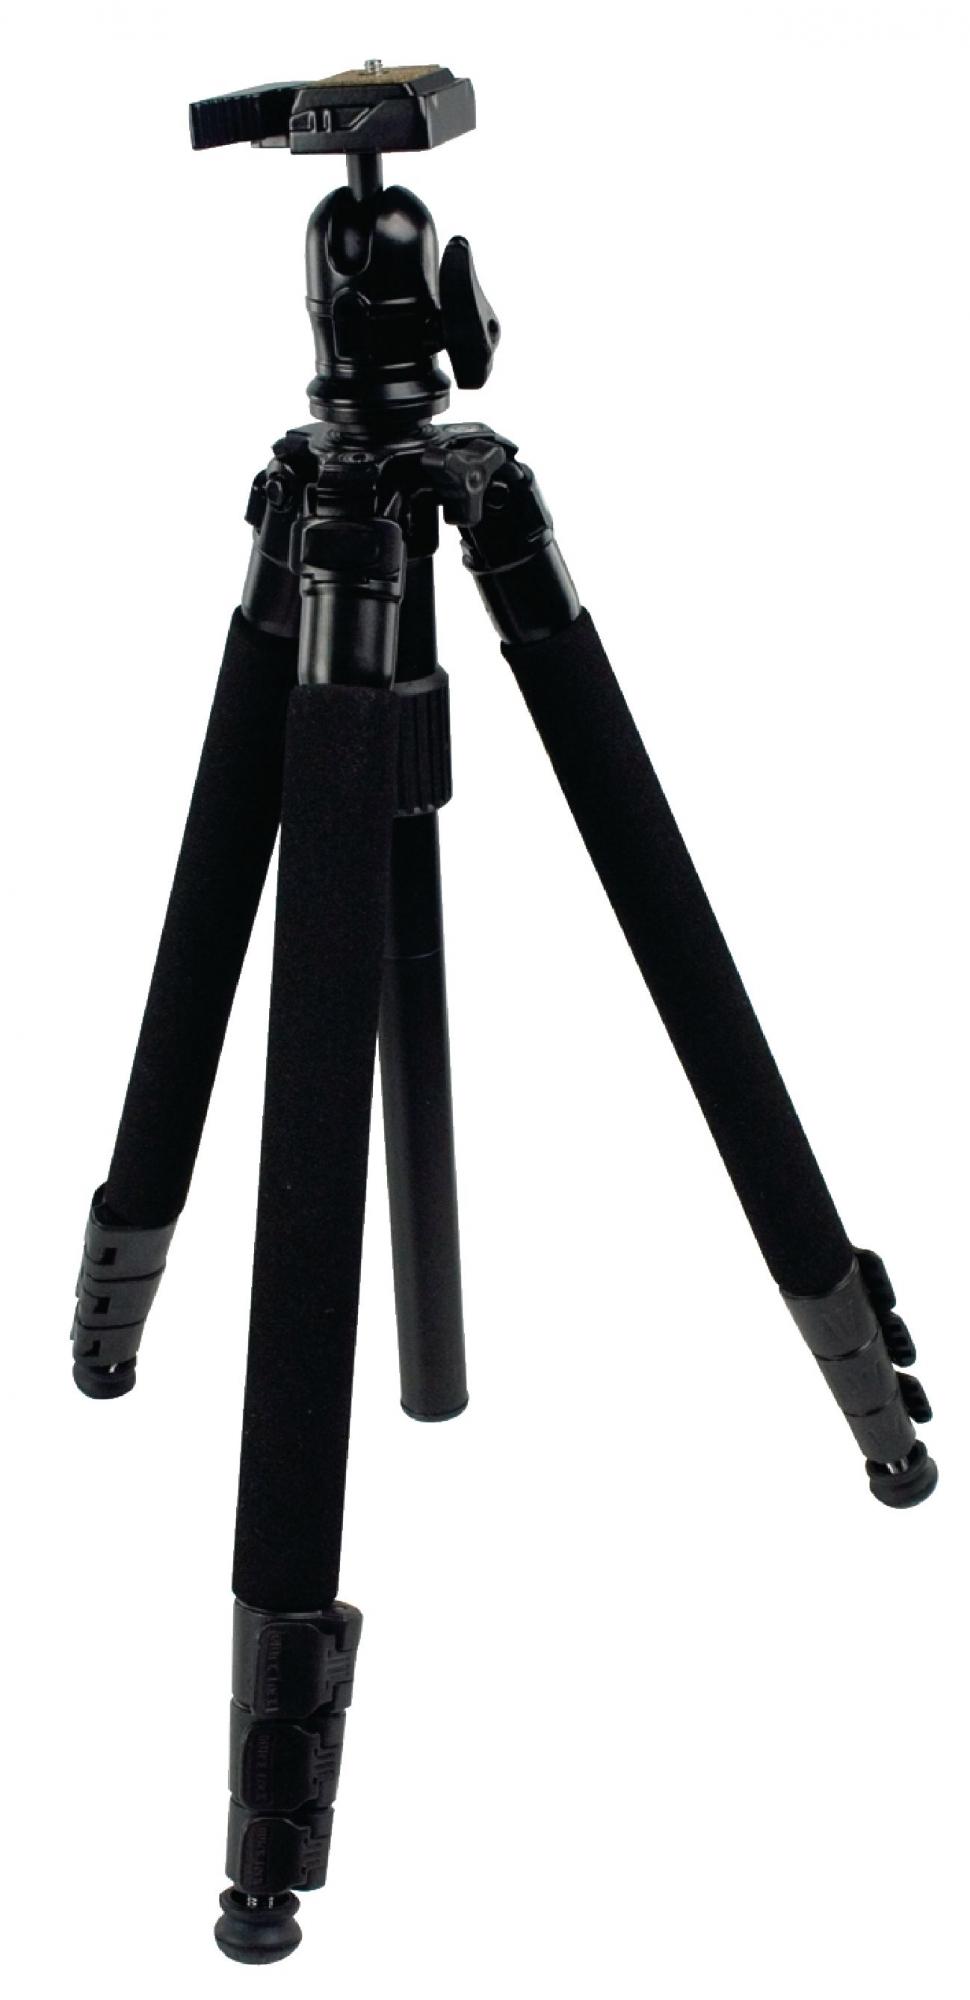 Billede af Kamera/video stativ hoved, 151 cm. sort